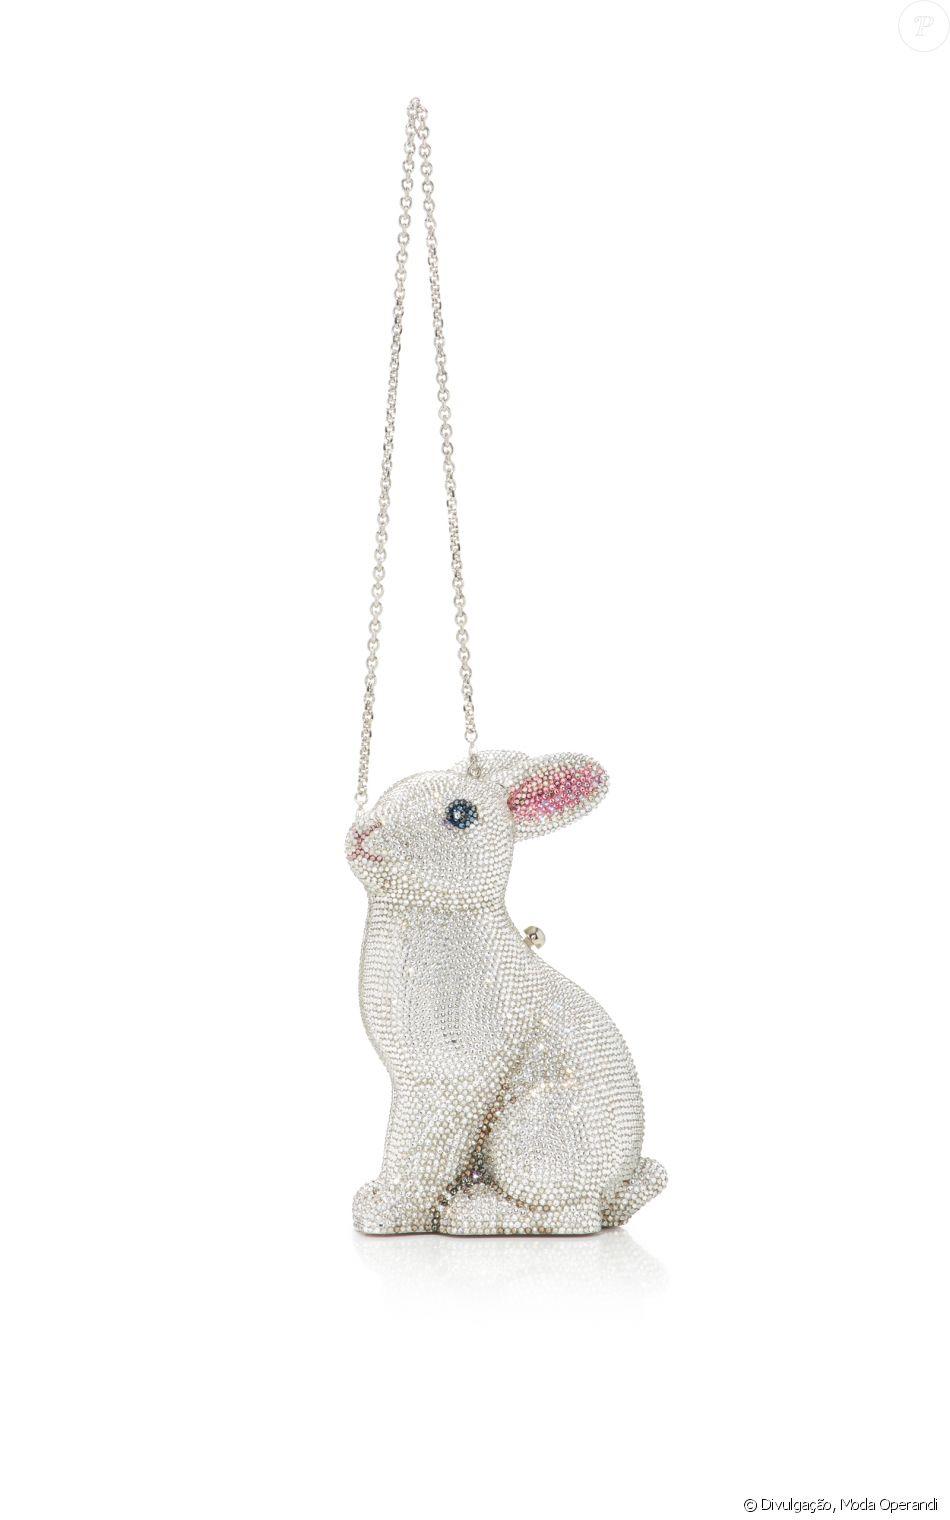 b8d64e045 A bolsa de coelho superfofa Judith Leiber, feita com cristais austríacos, é avaliada  em $ 5.495, aproximadamente R$ 18.150